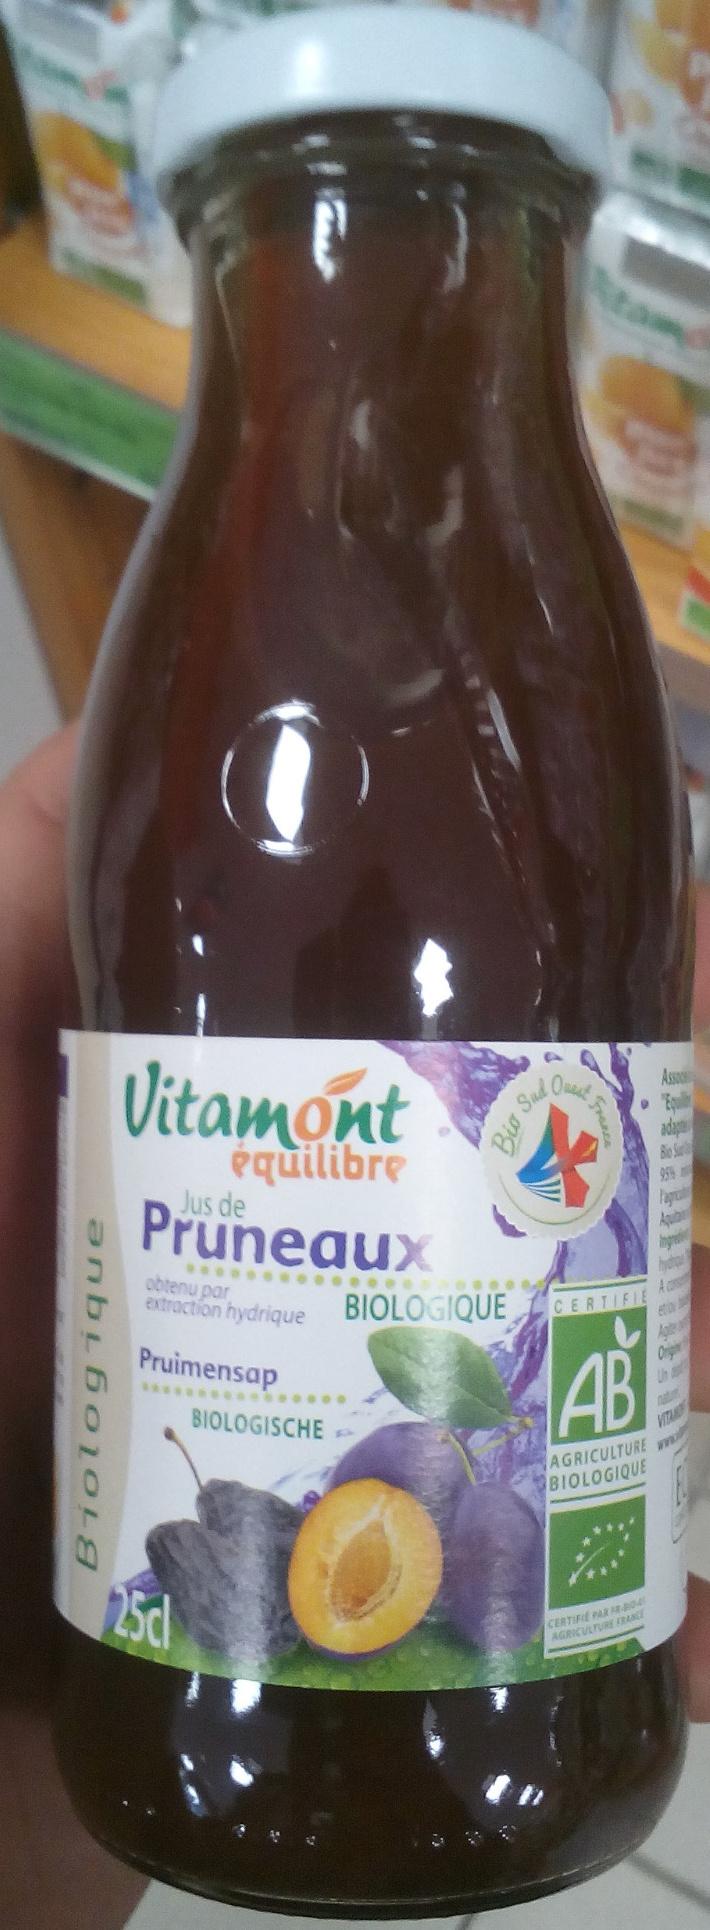 Jus de Pruneaux - Produit - fr